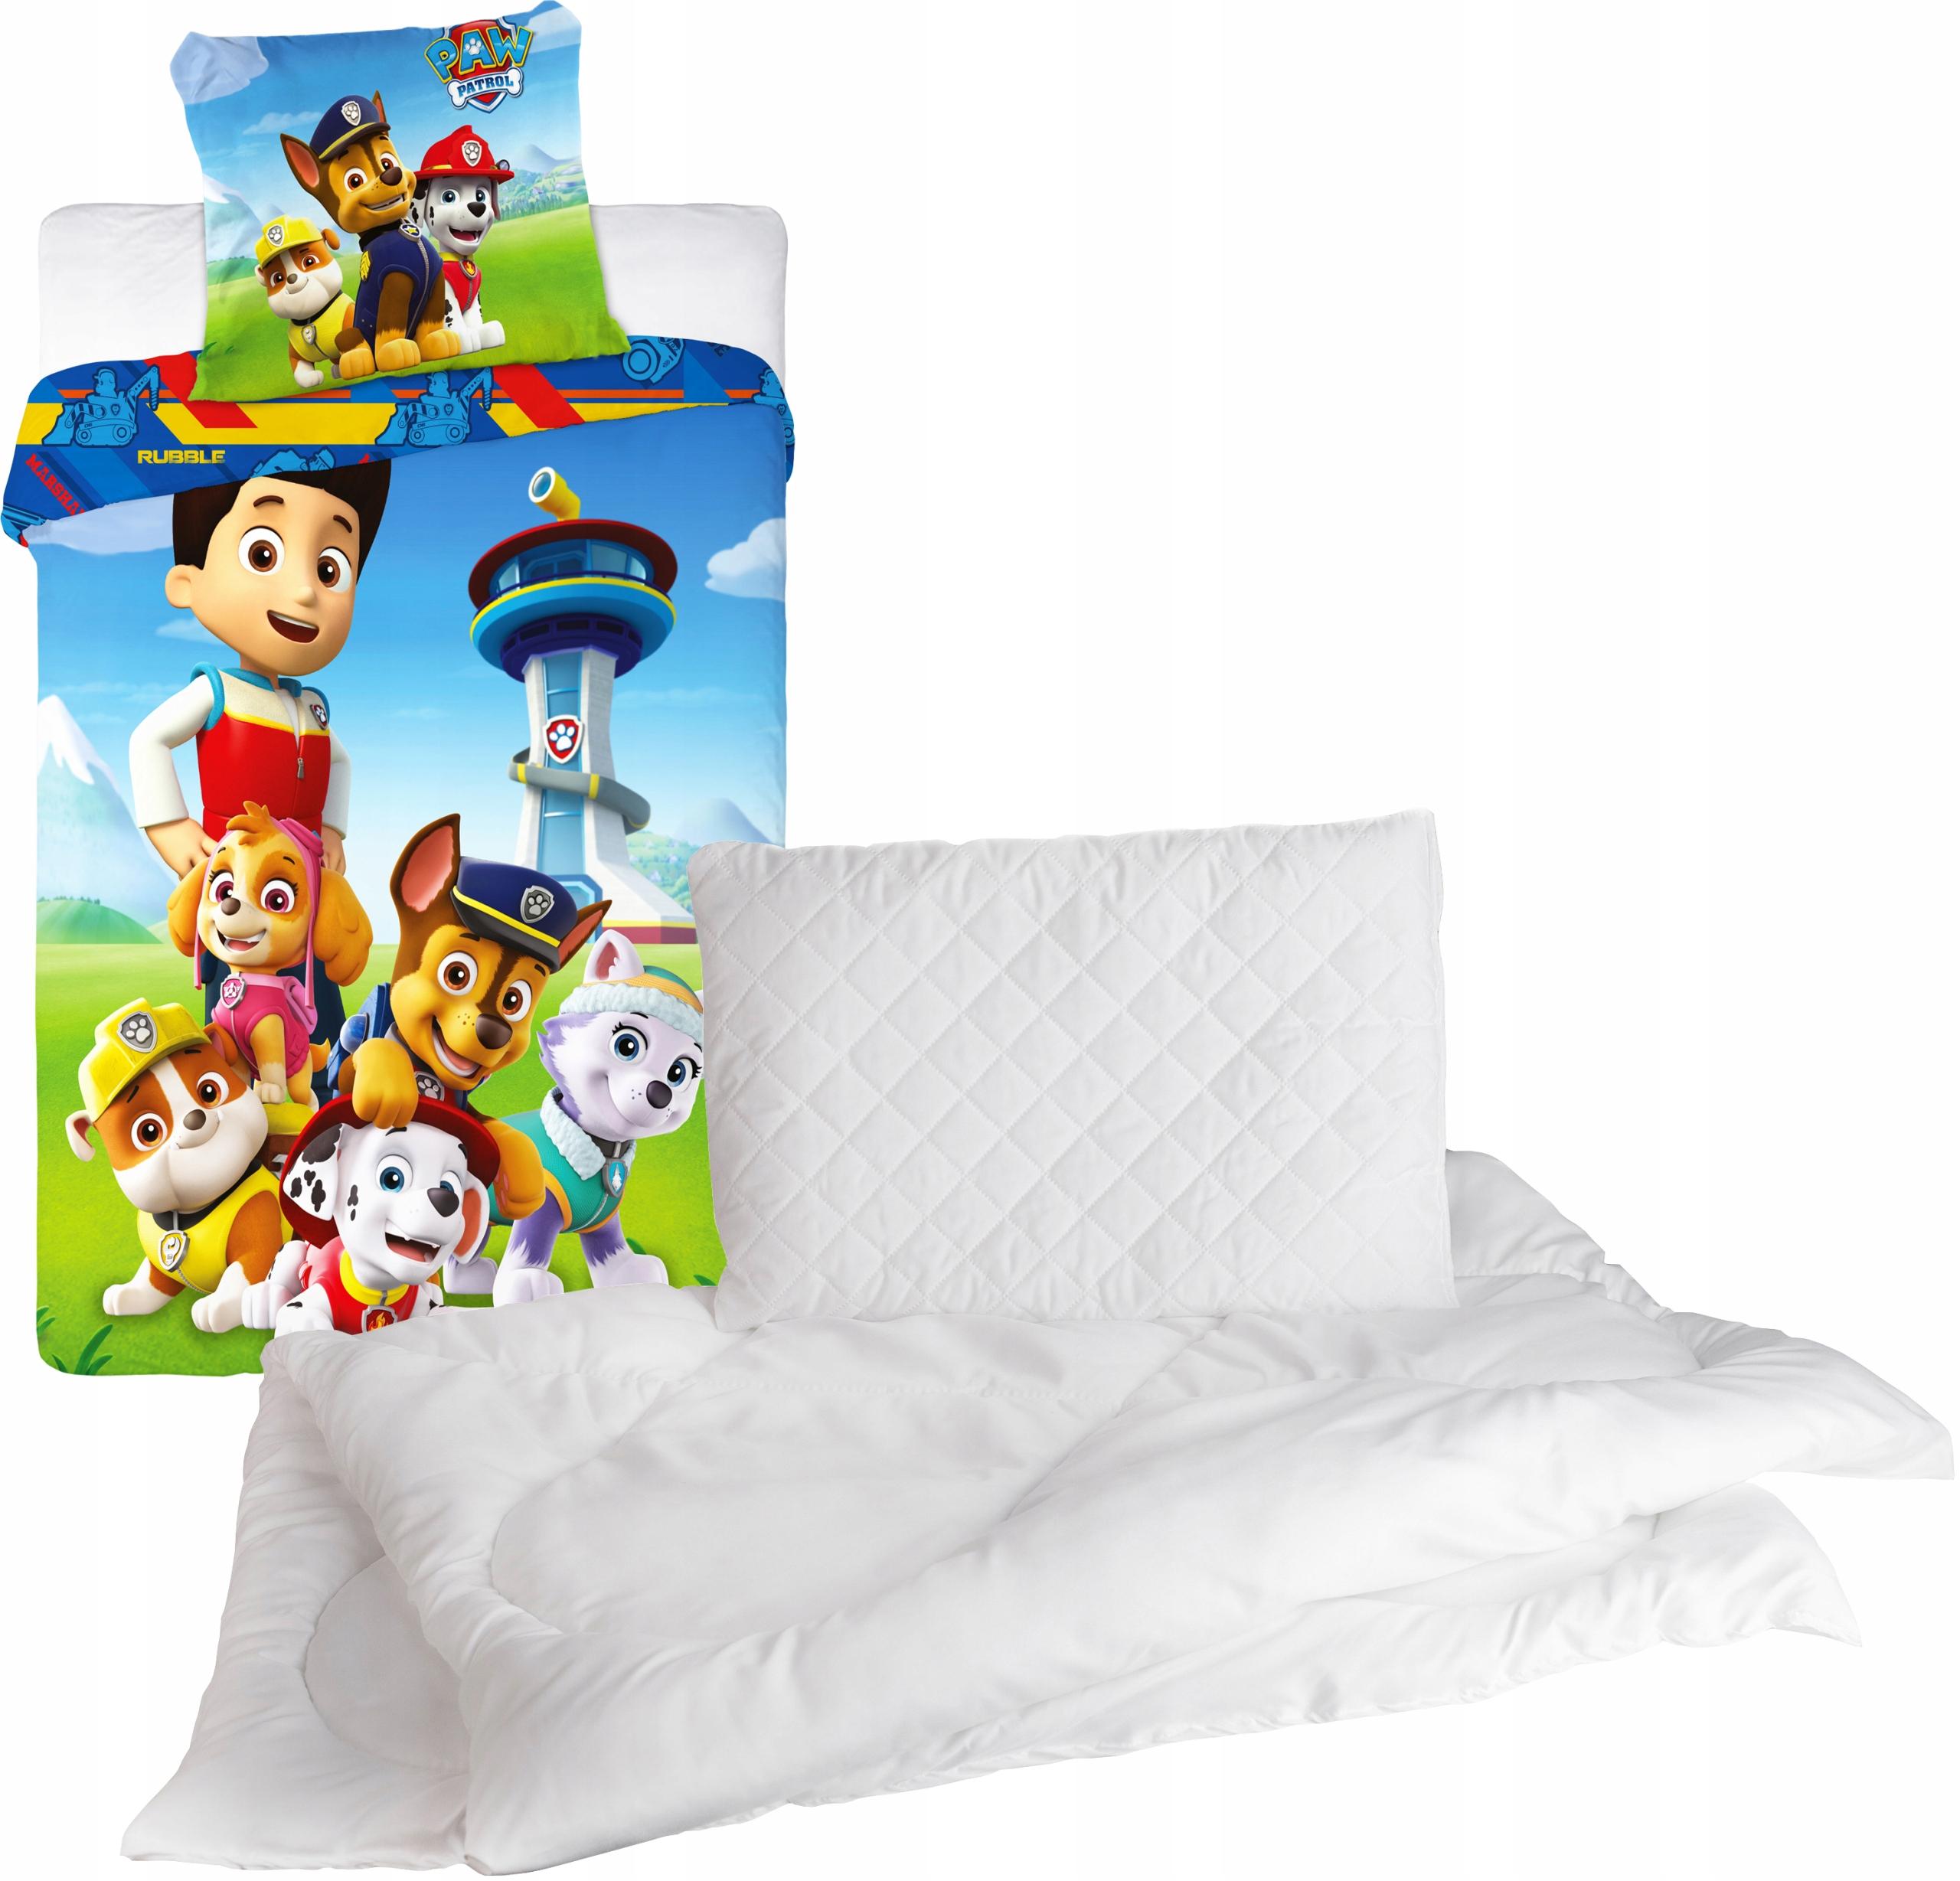 Пододеяльник, подушка, постельное белье 100x135 см DESIGNS